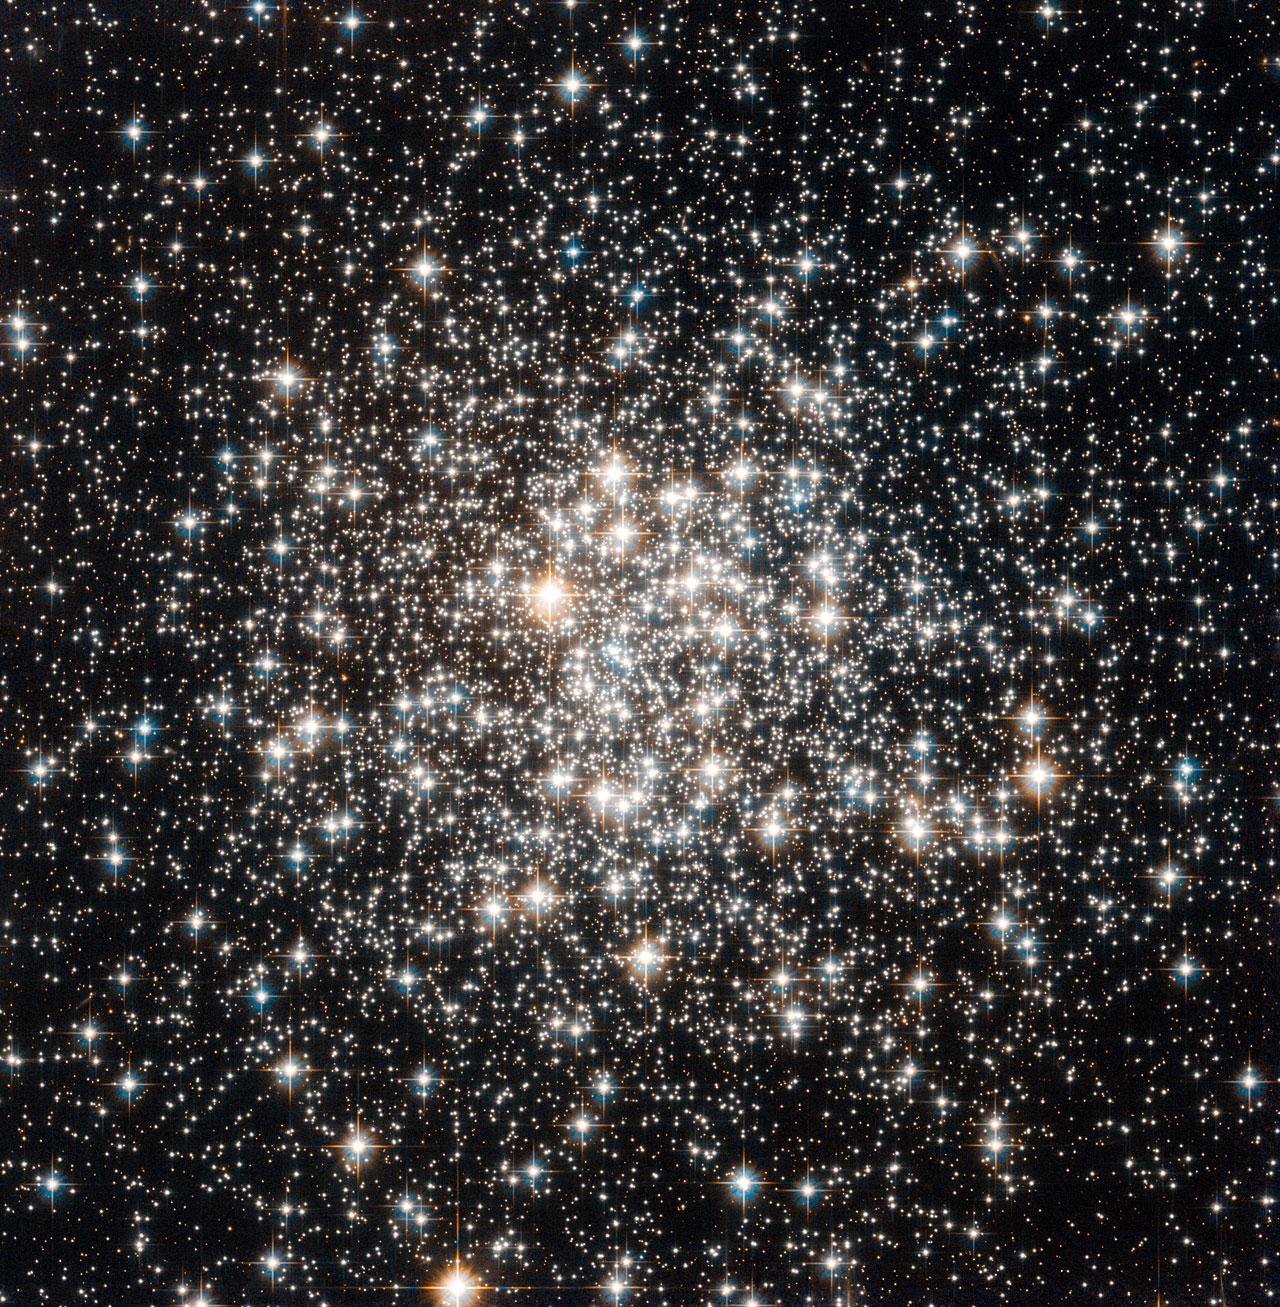 stars from nasa - photo #18